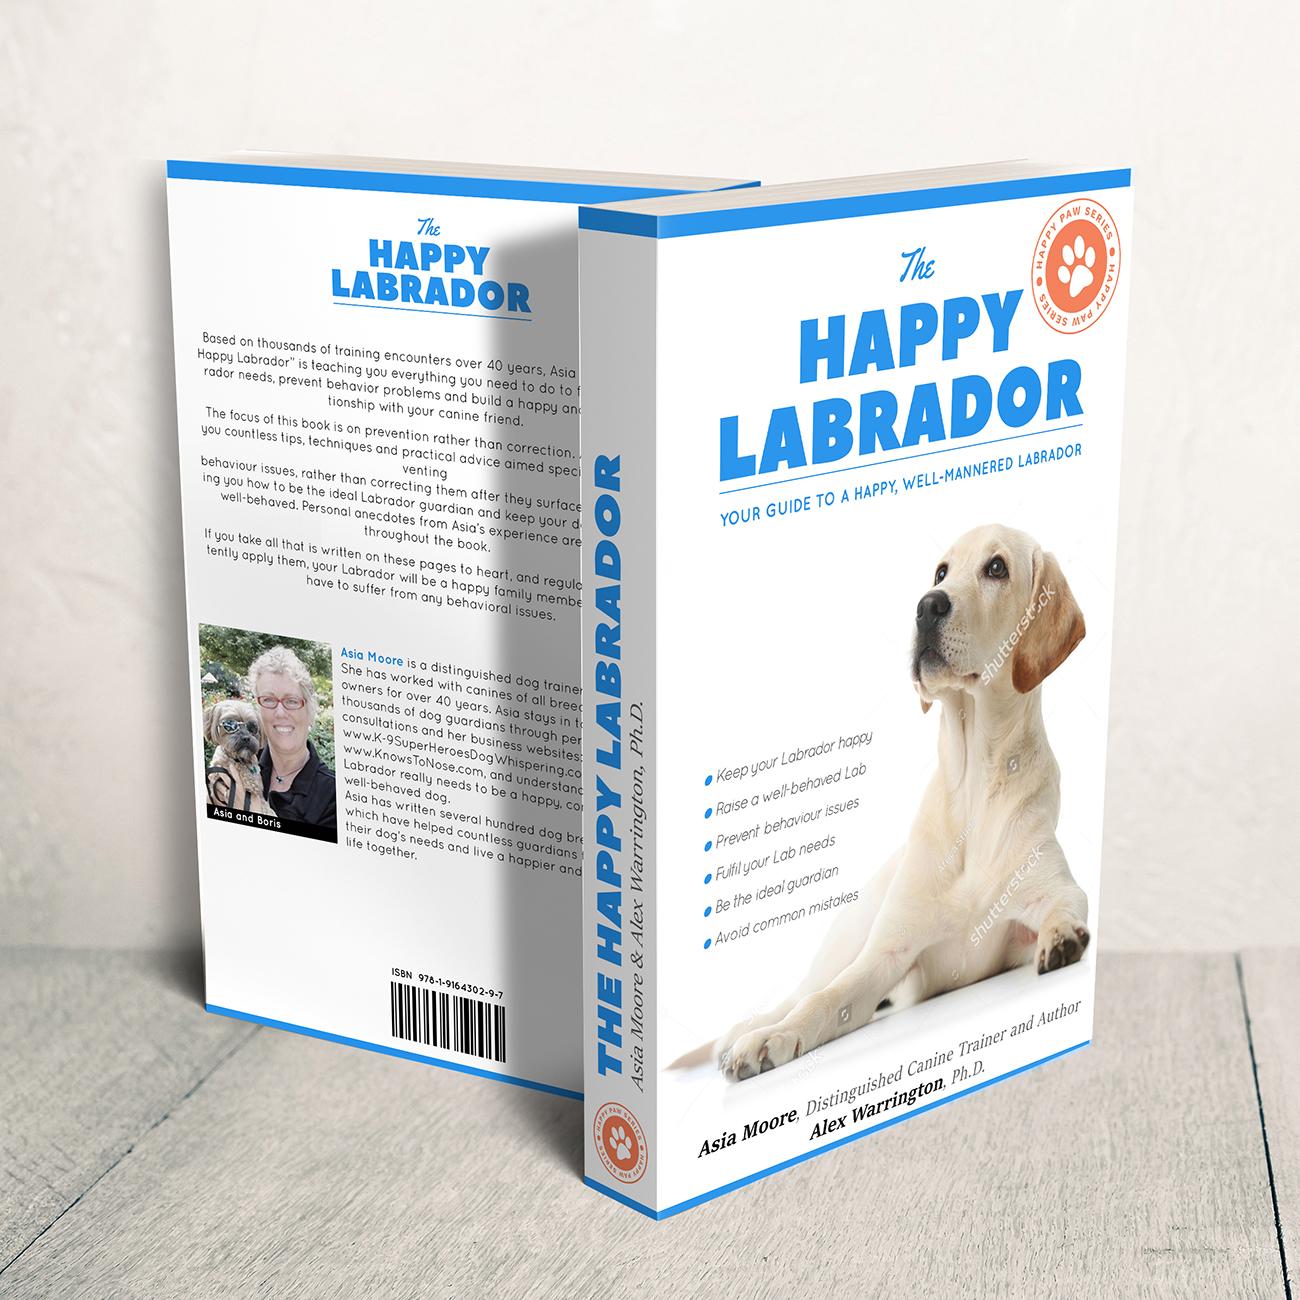 Book cover design 'Happy Labrador' by Ana Balog design